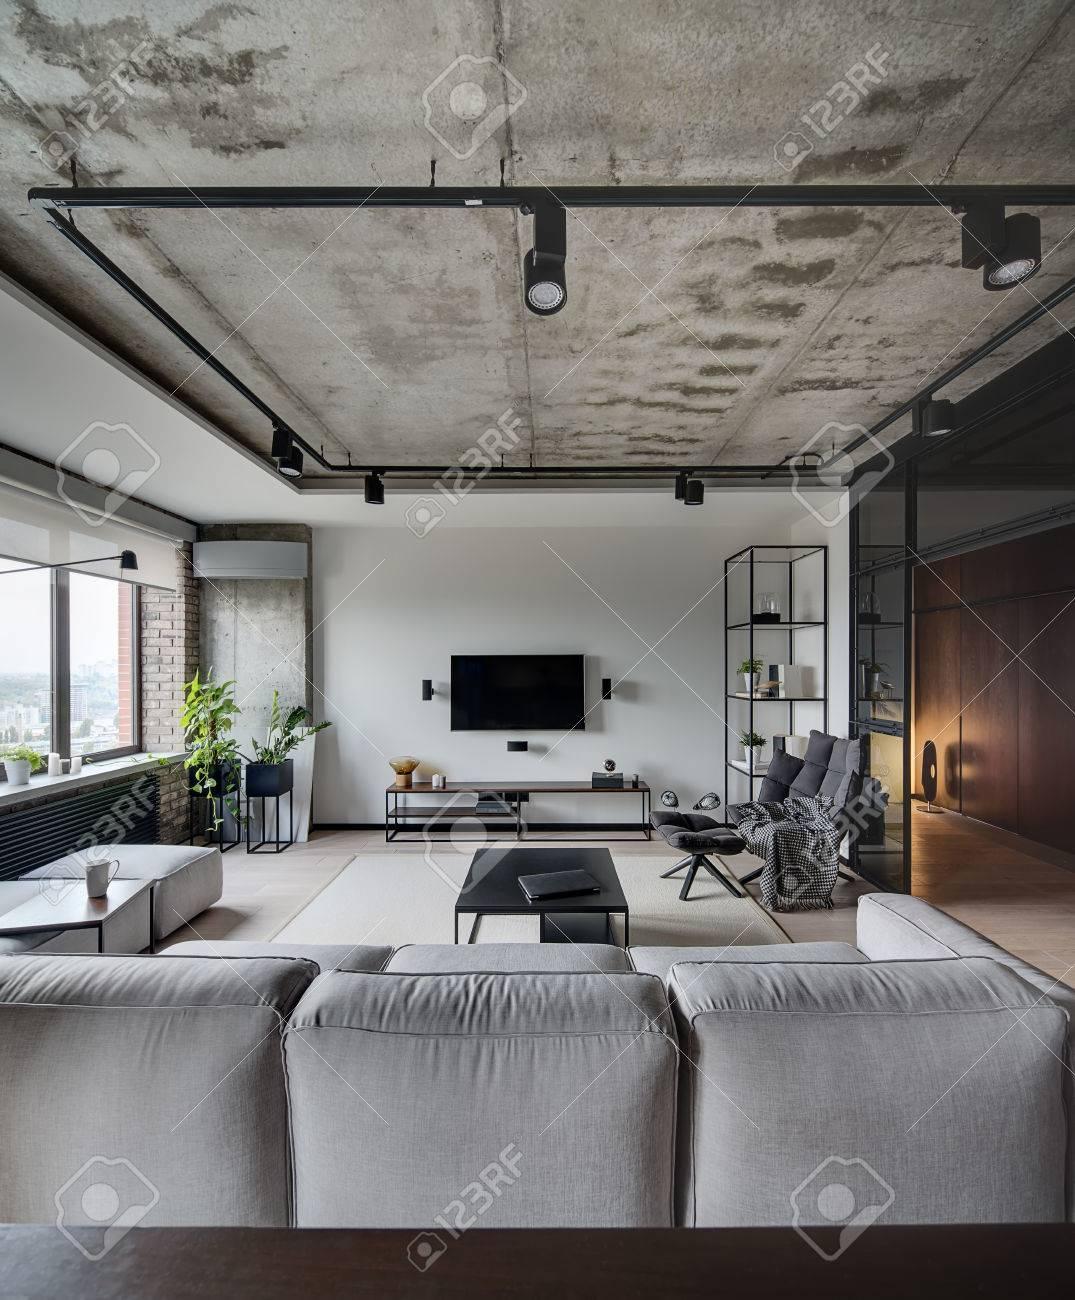 Salon De Style Loft Avec Des Murs Blancs, En Briques Et En Béton. Il ...